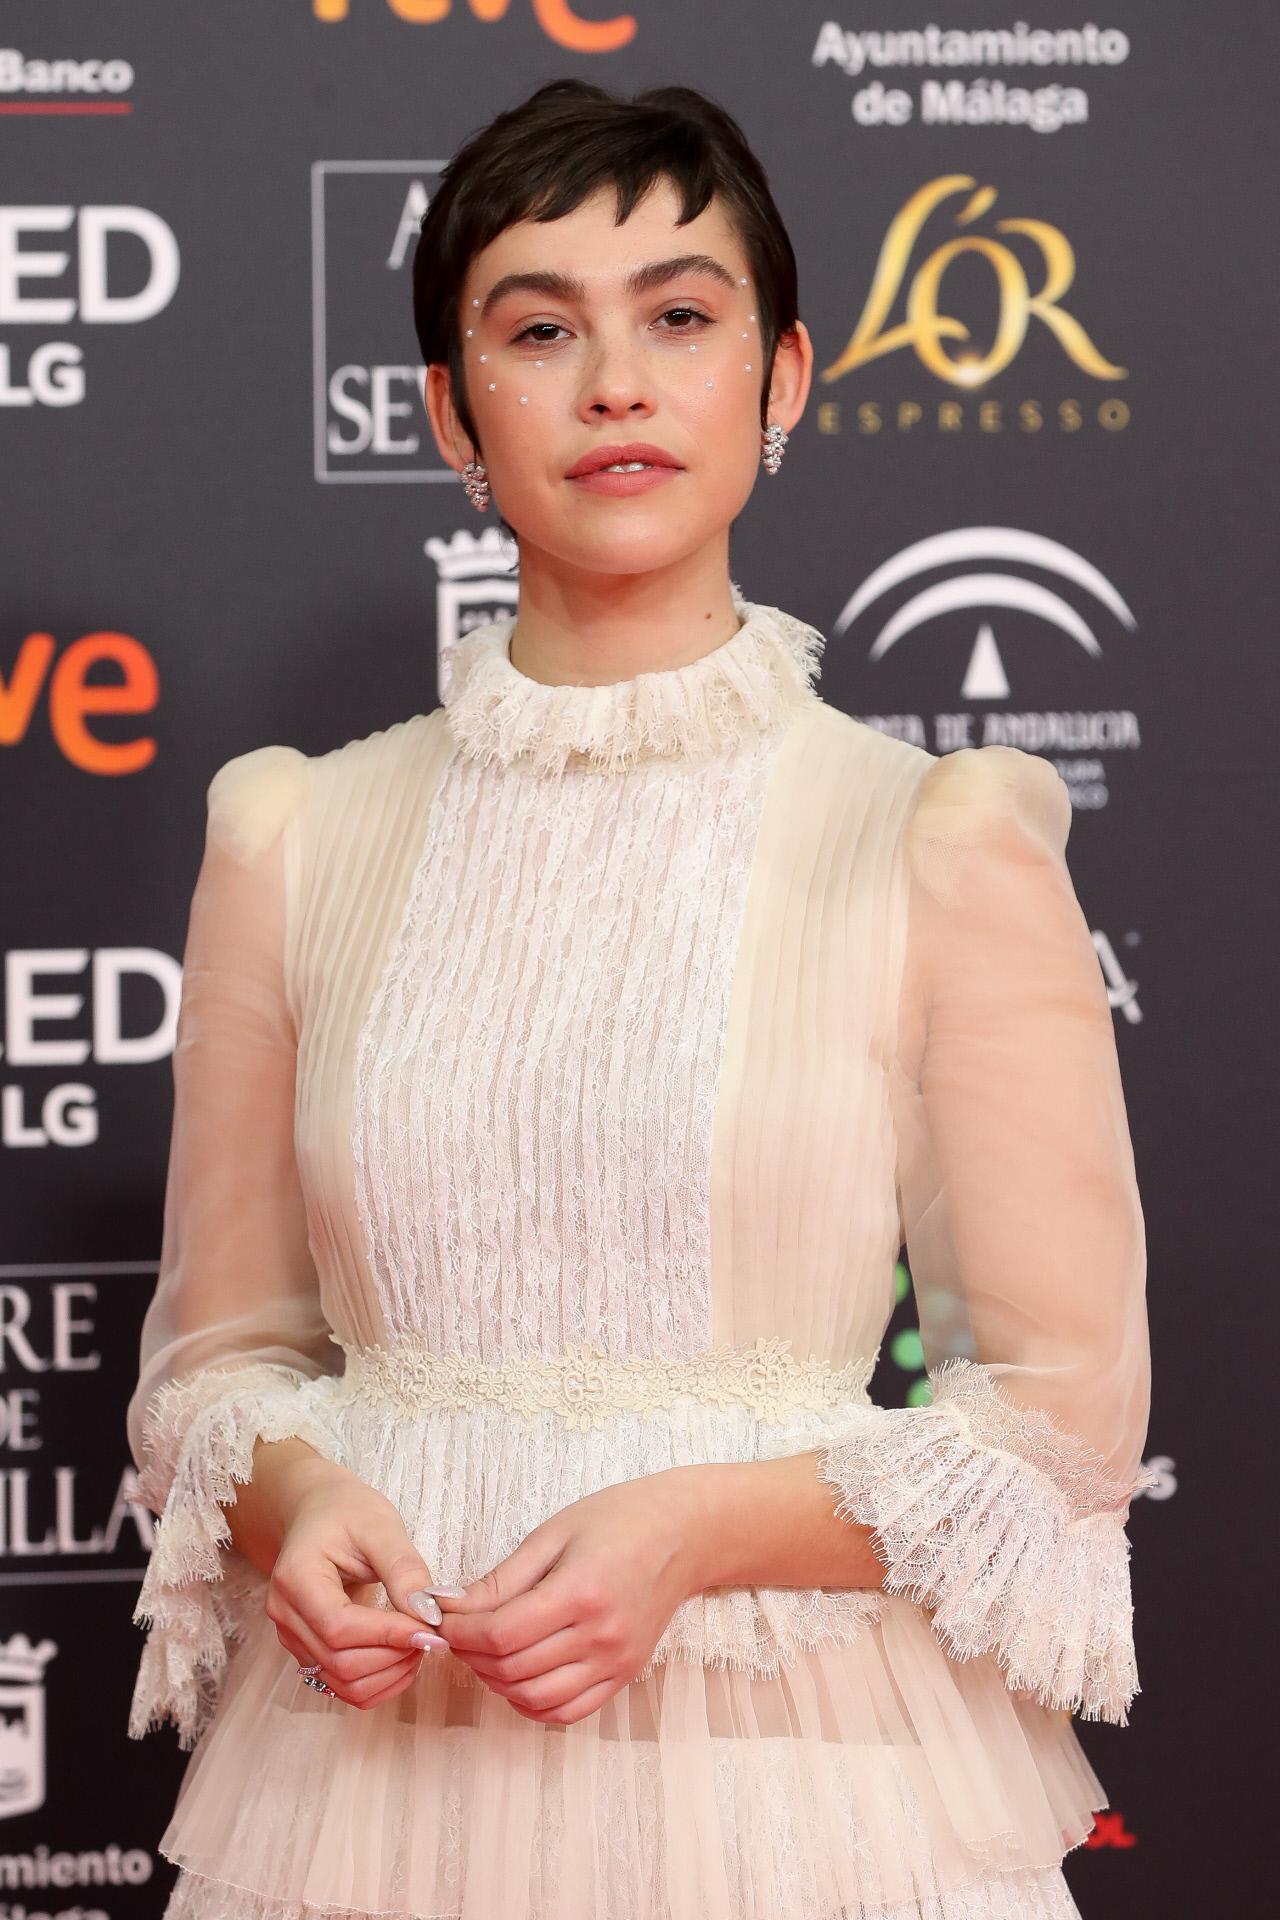 Greta Fernández at an event for Premios Goya 34 edición (2020)